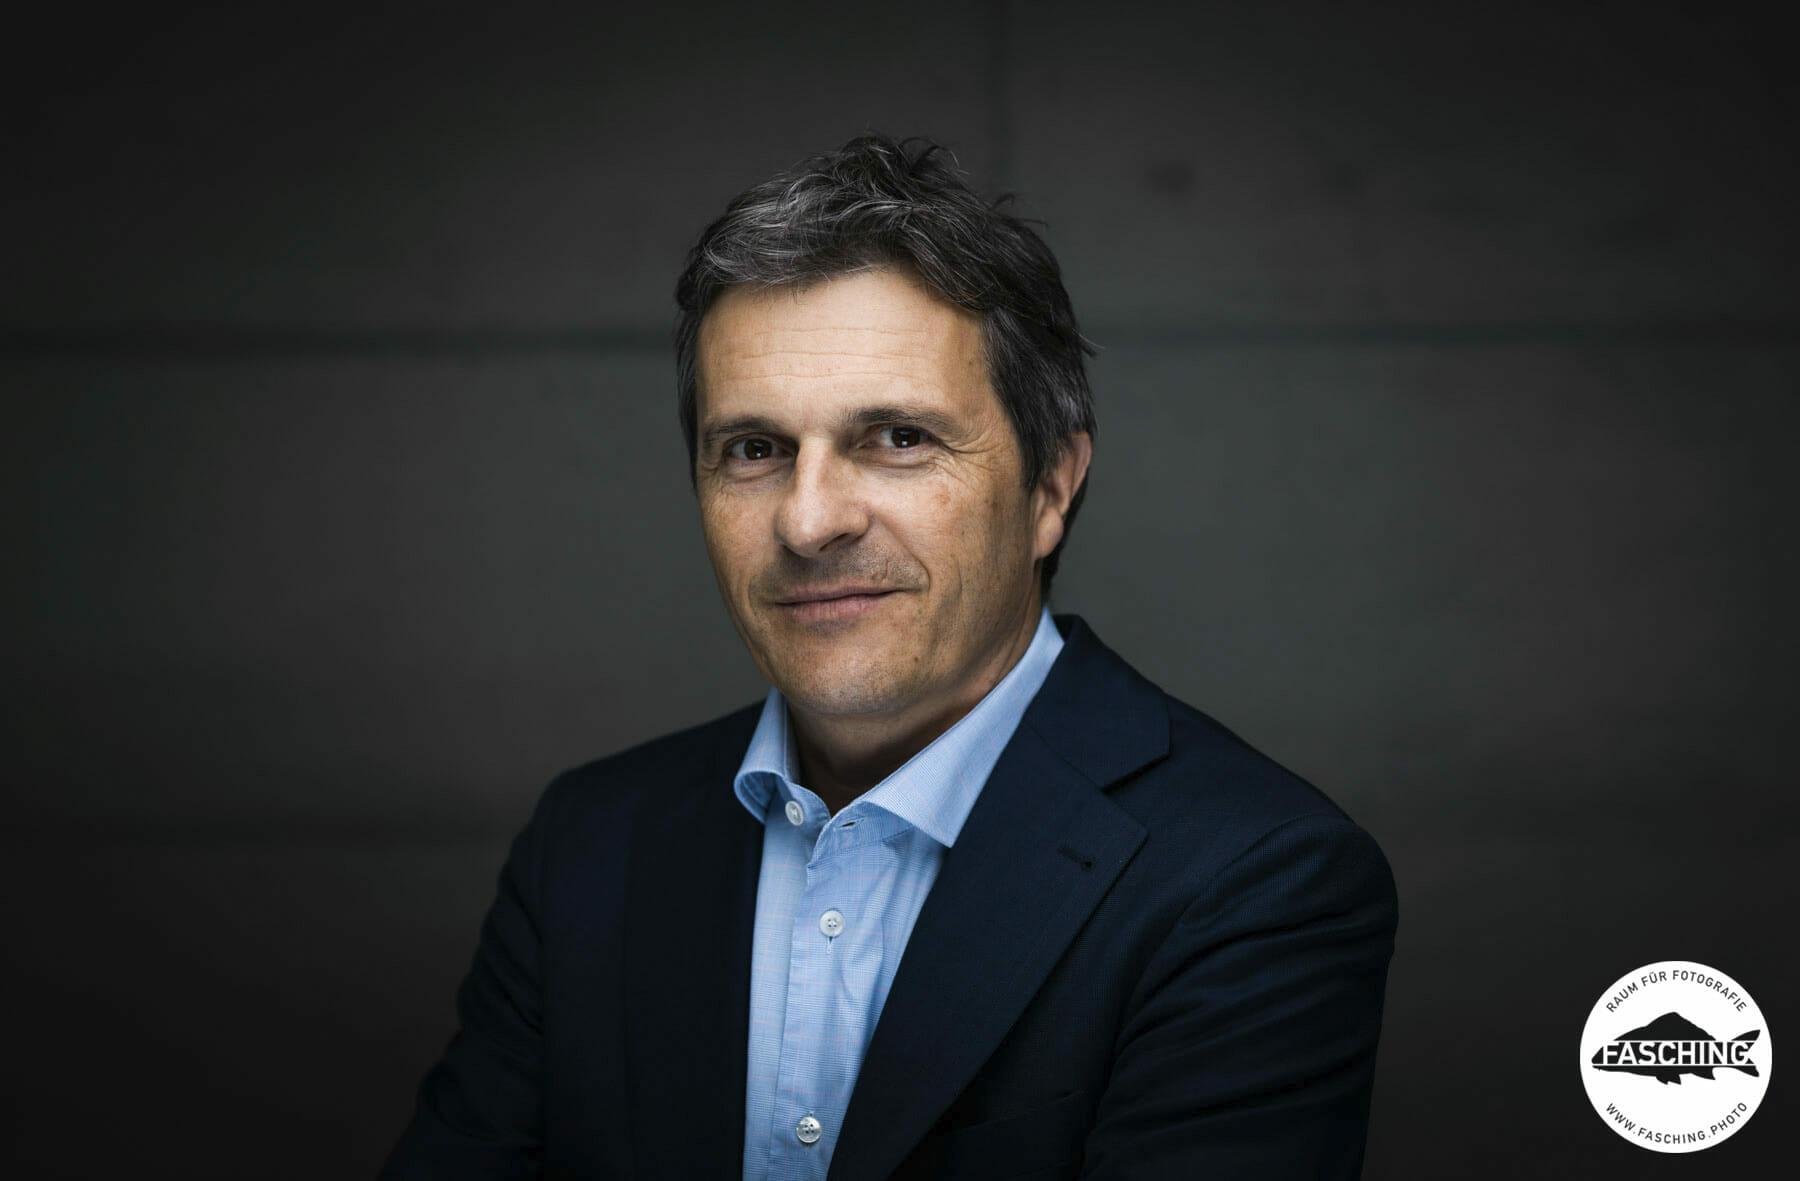 Jürgen Rauch Businessportrait fotografiert von dem vorarlberger Fotograf Luca Fasching für die Vorarlberger Wirtschaftskammer